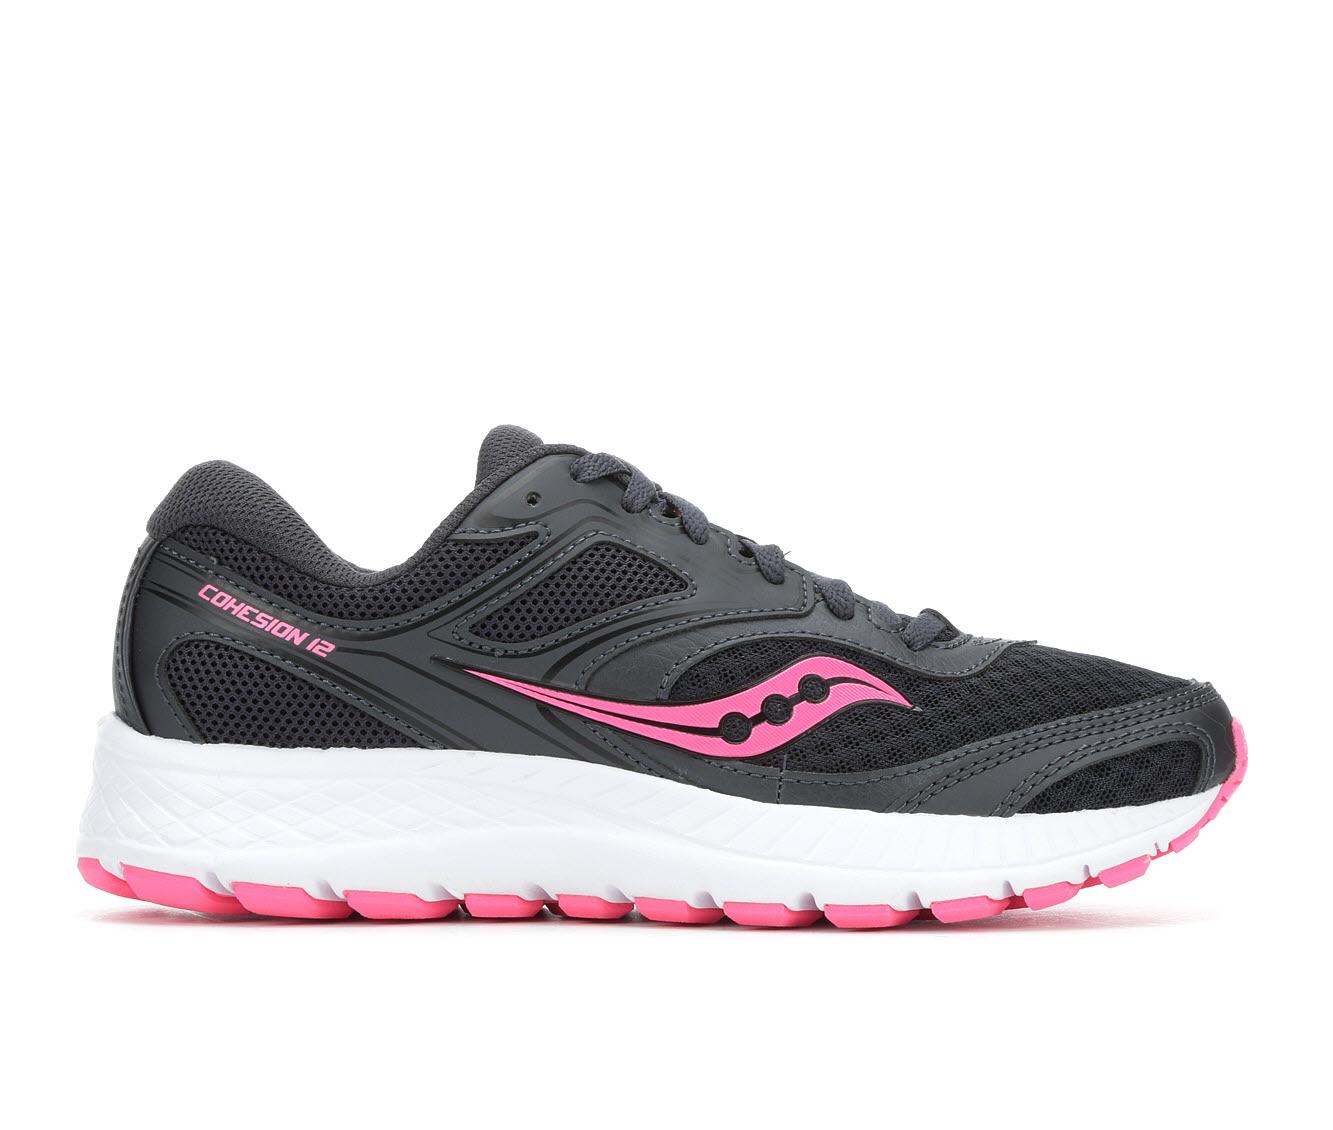 Saucony Cohesion 12 Women's Athletic Shoe (Black)